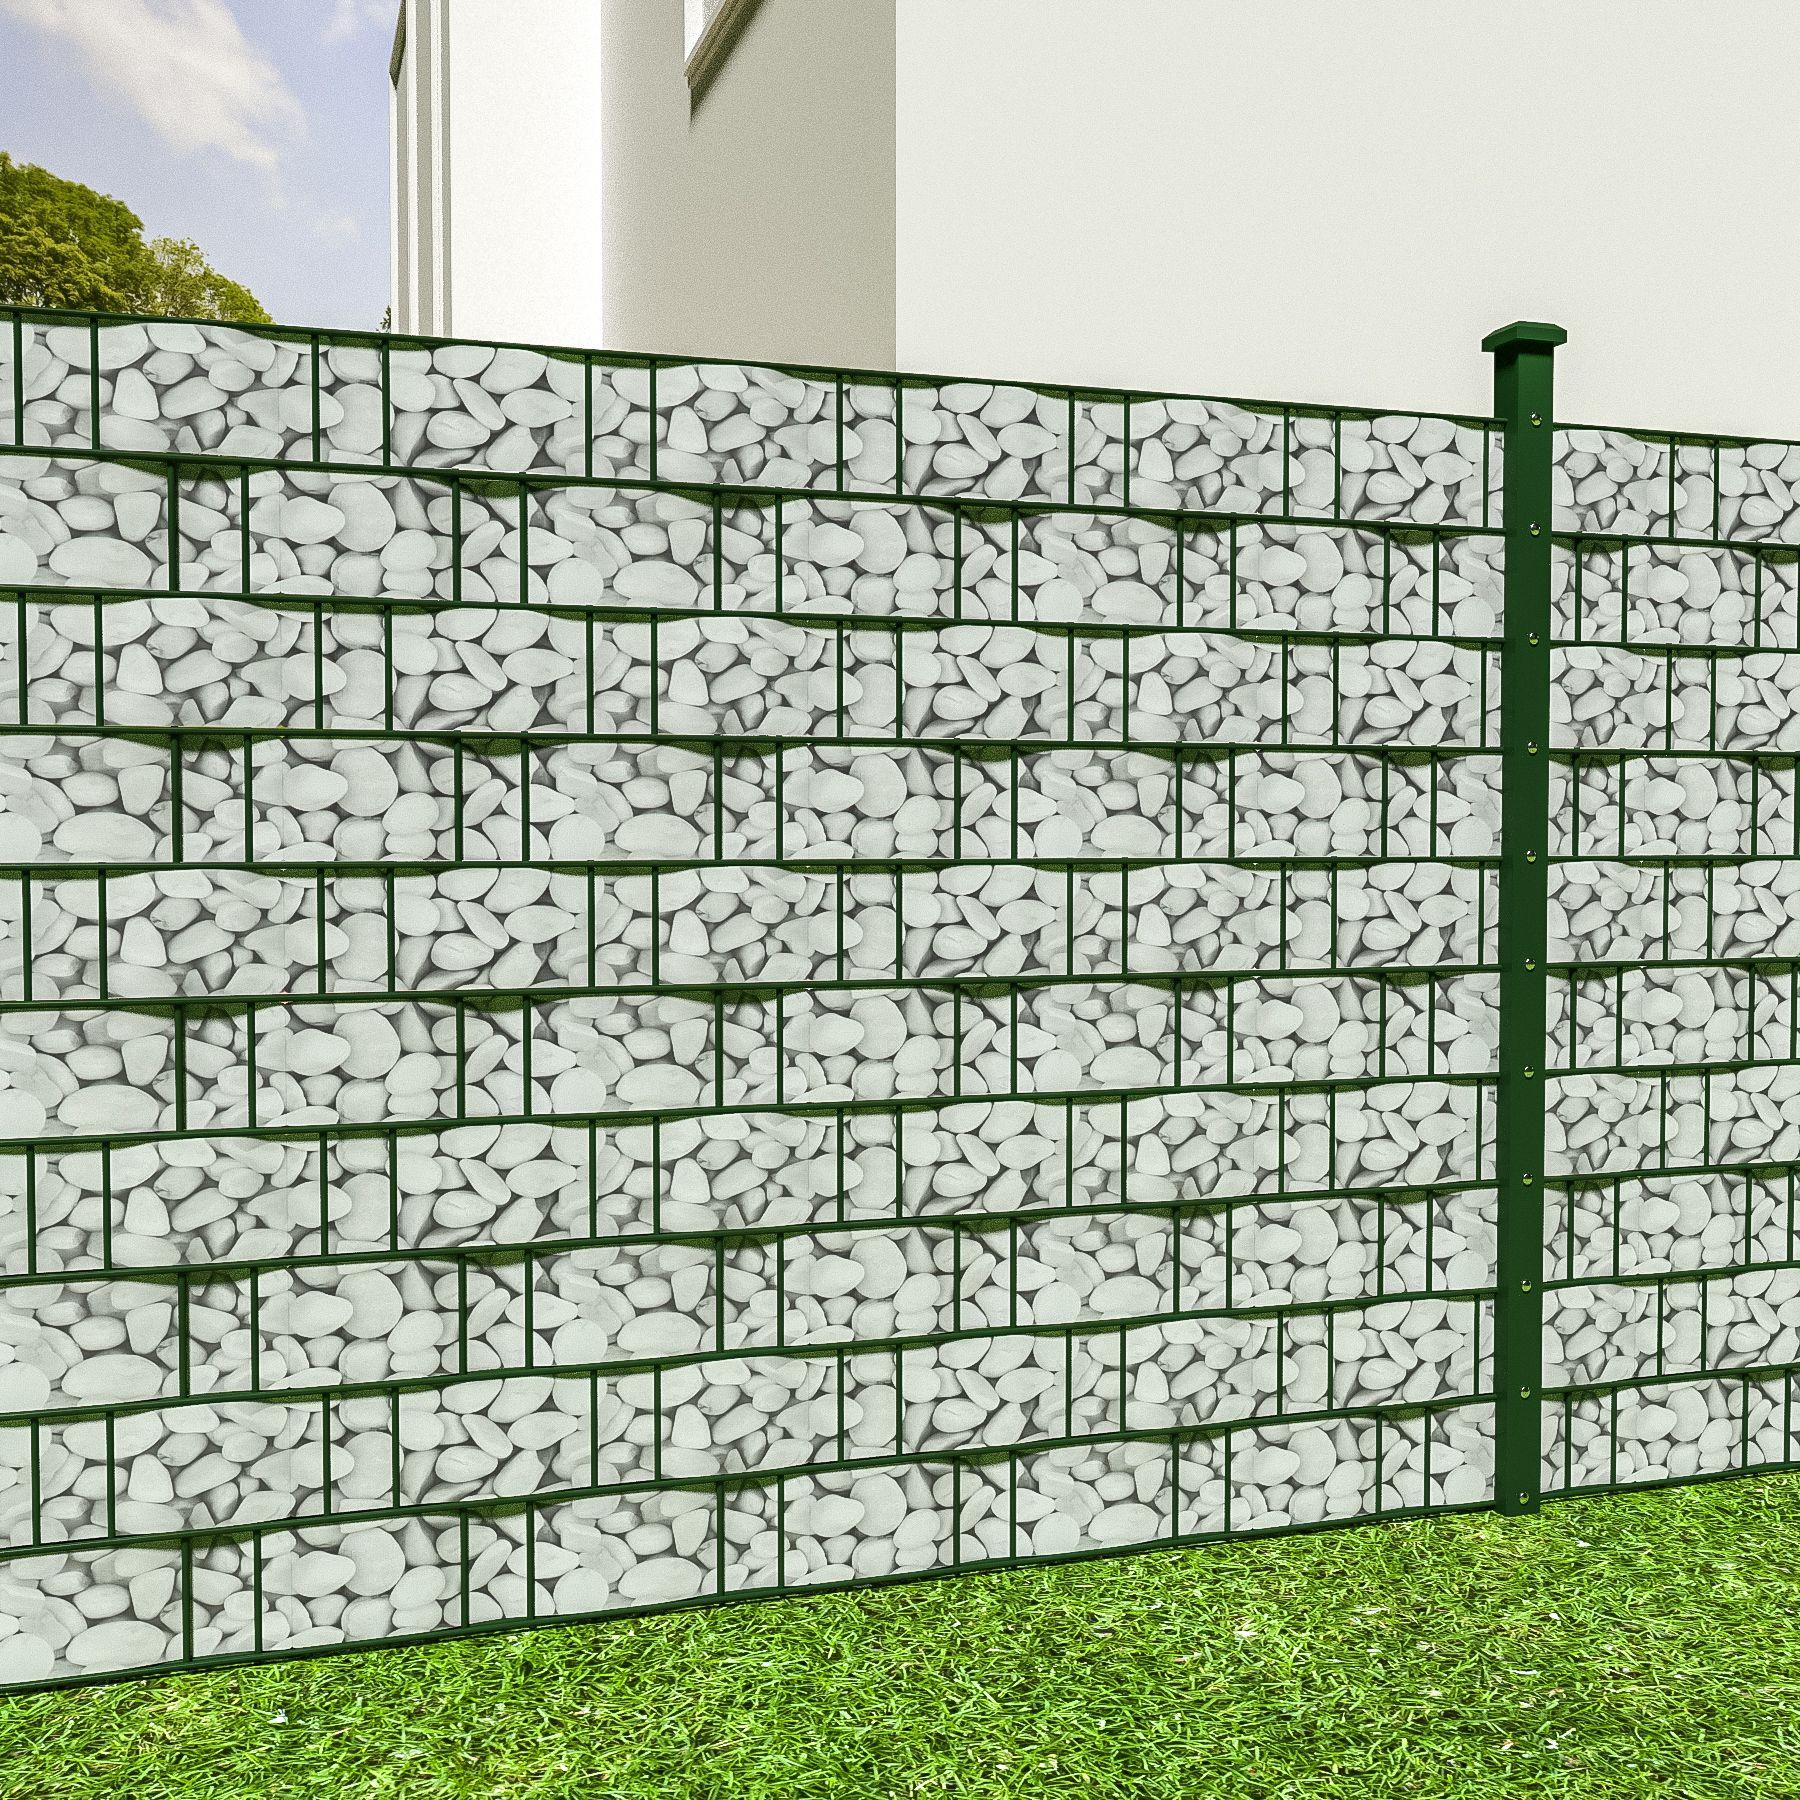 pvc sichtschutz streifen sichtschutzfolie doppelstabmatten zaun schutz 35m kies 4260435995715 ebay. Black Bedroom Furniture Sets. Home Design Ideas